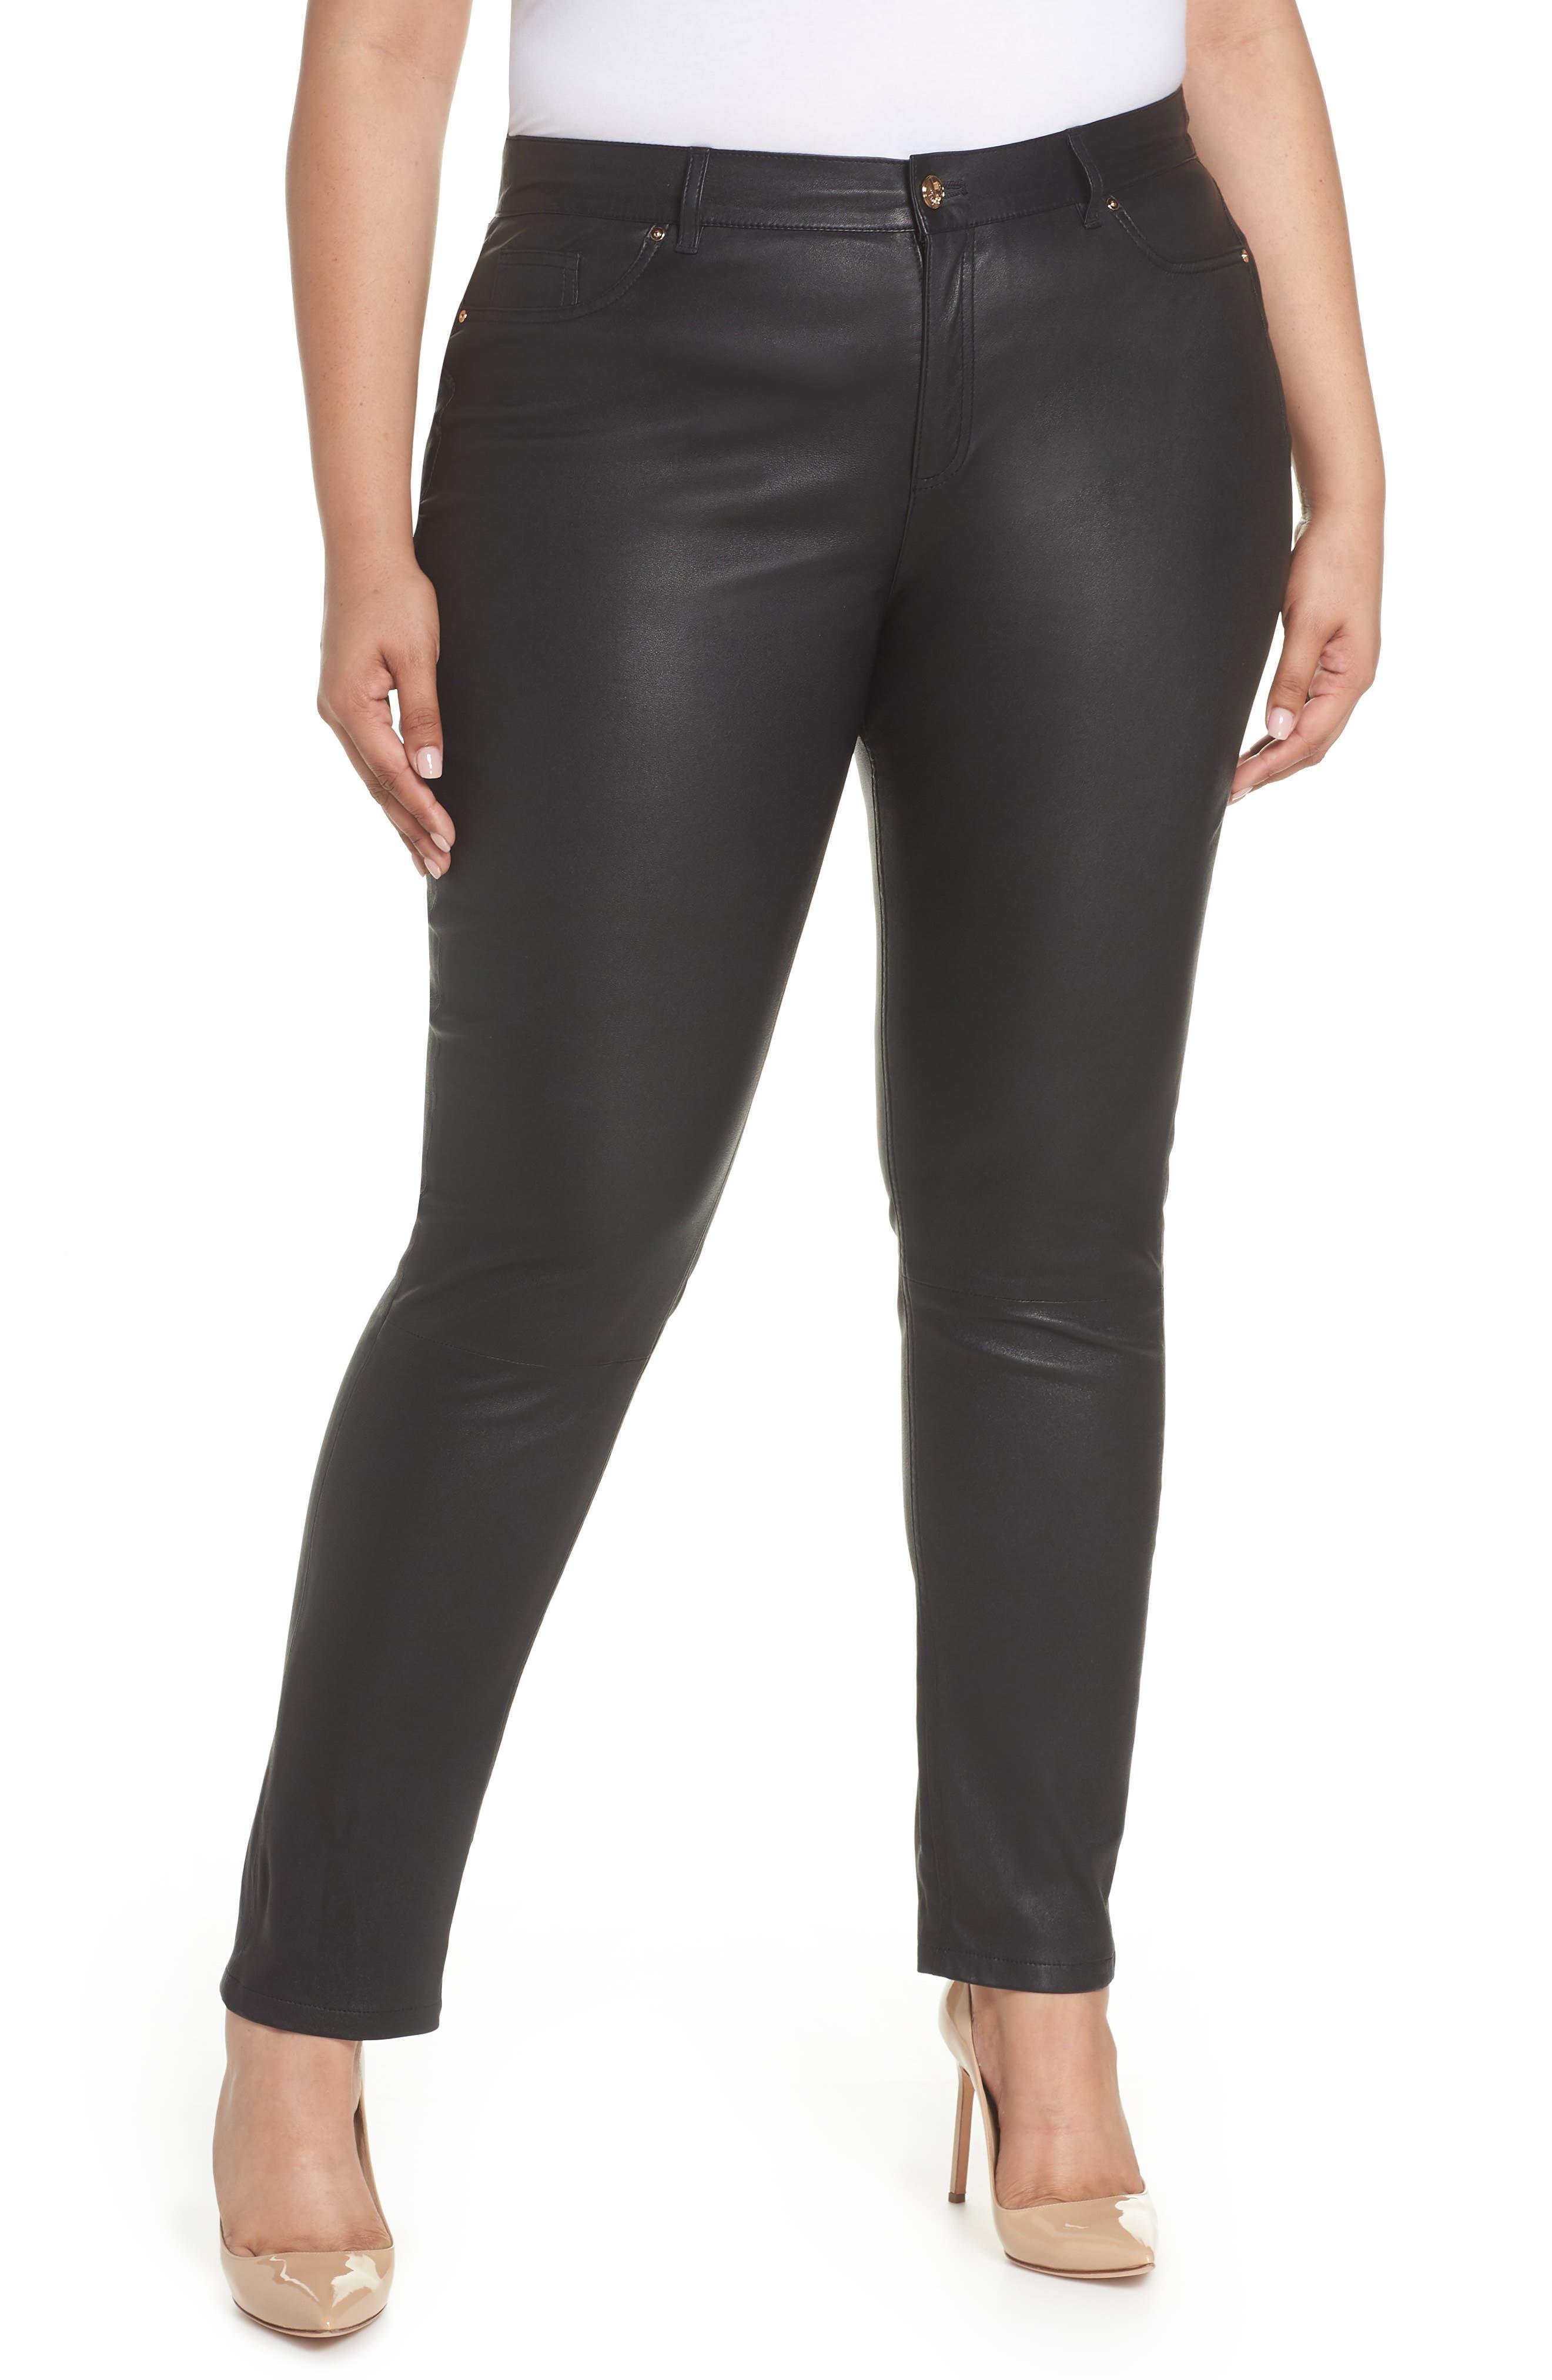 Eboli Leather Pants,                         Main,                         color, 001